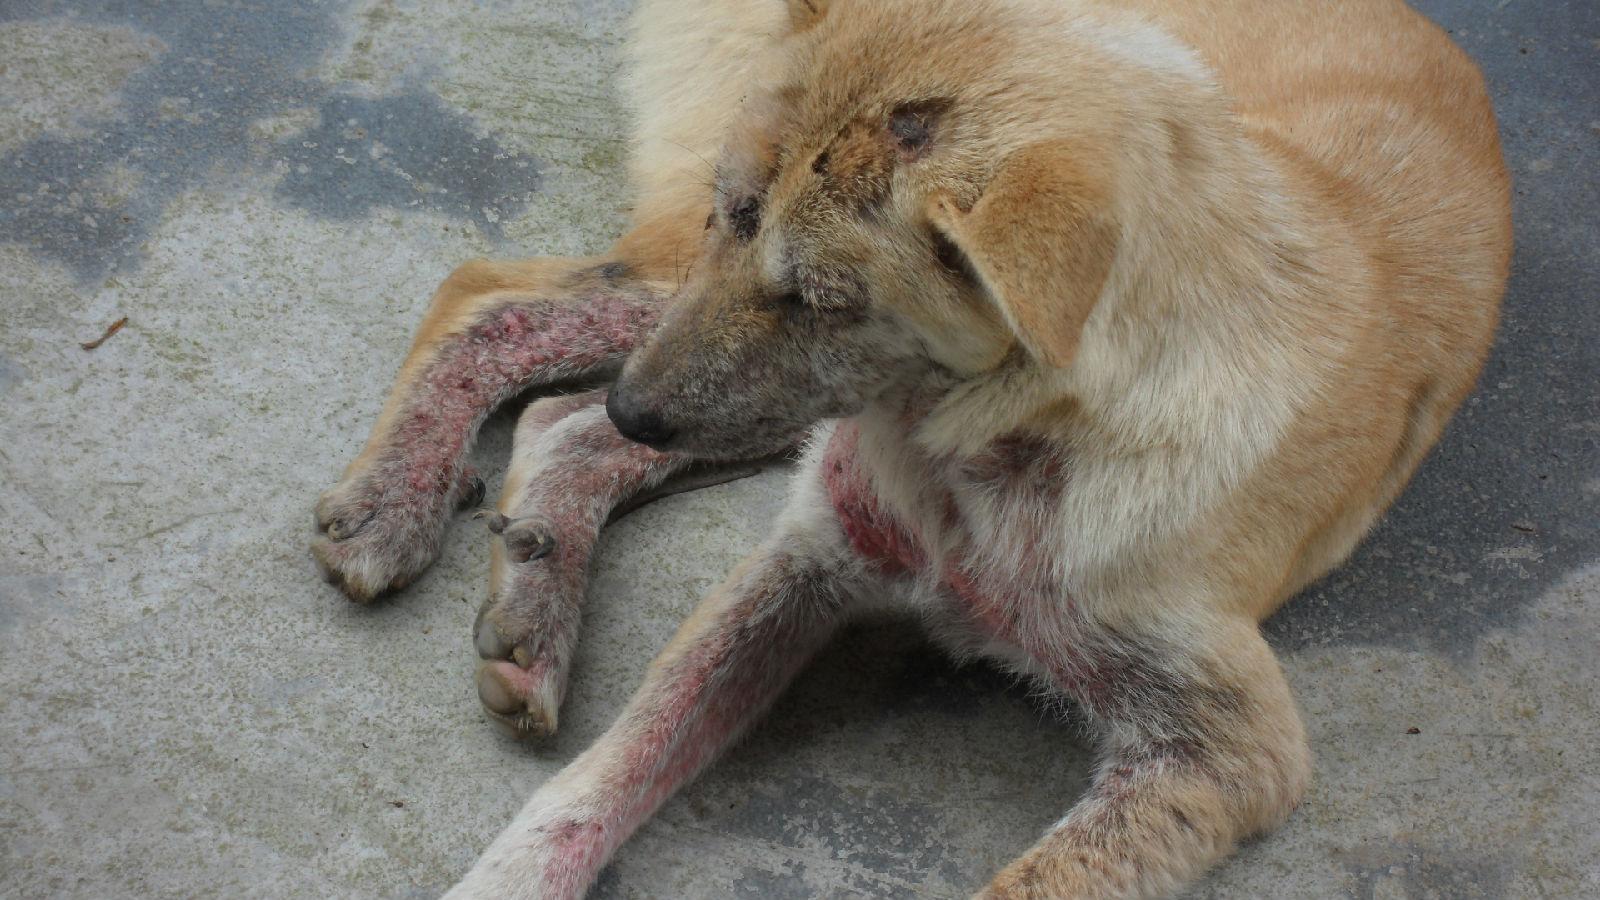 狗狗皮肤病_狗狗得皮肤病怎么治疗,如何预防狗狗患上皮肤病?